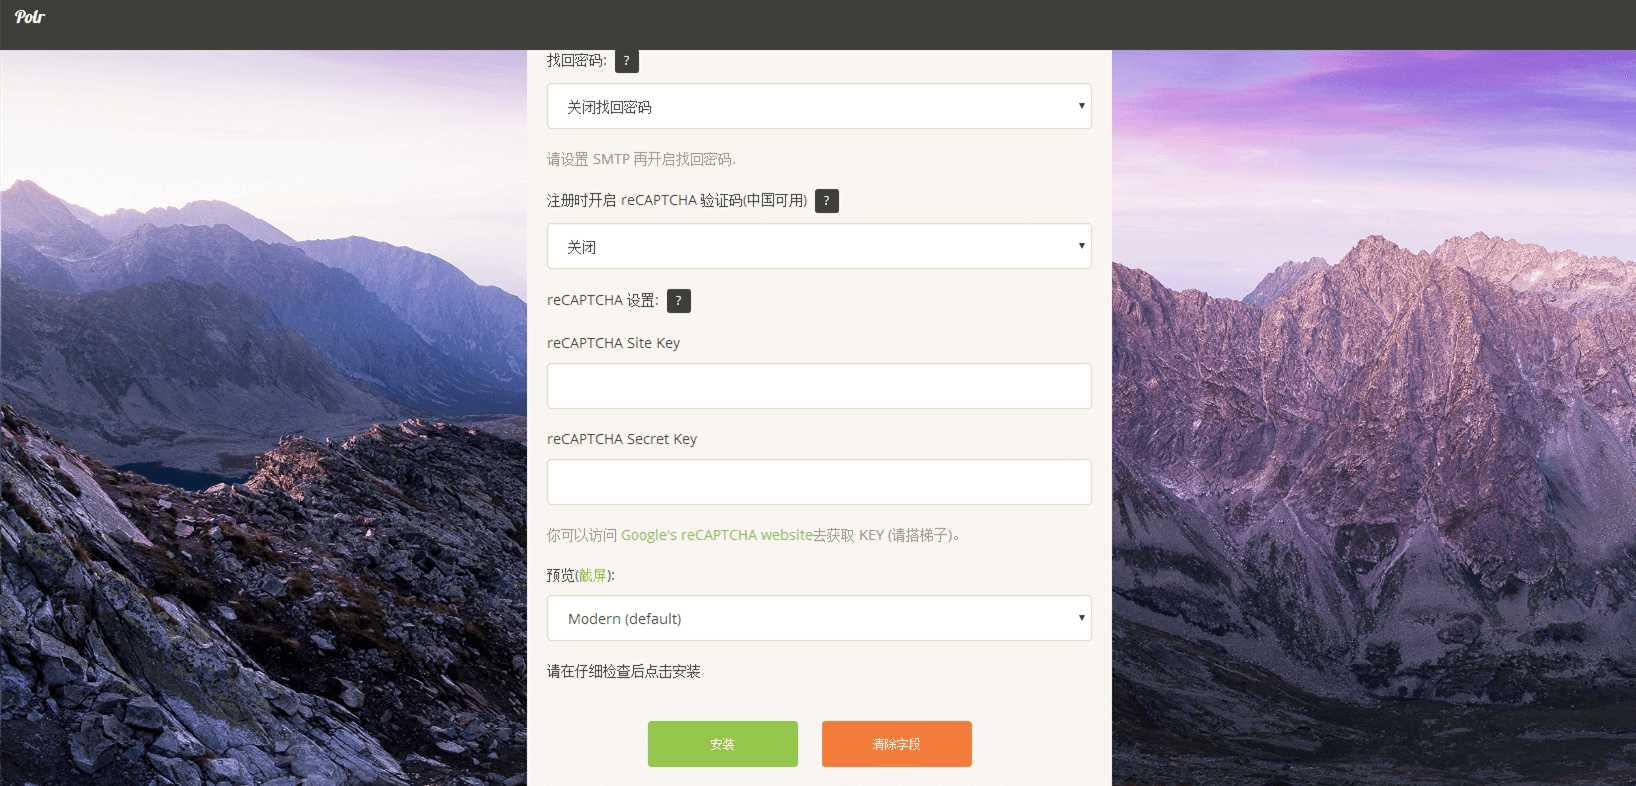 利用Polr搭建网址短链程序完整教程(短链接服务)